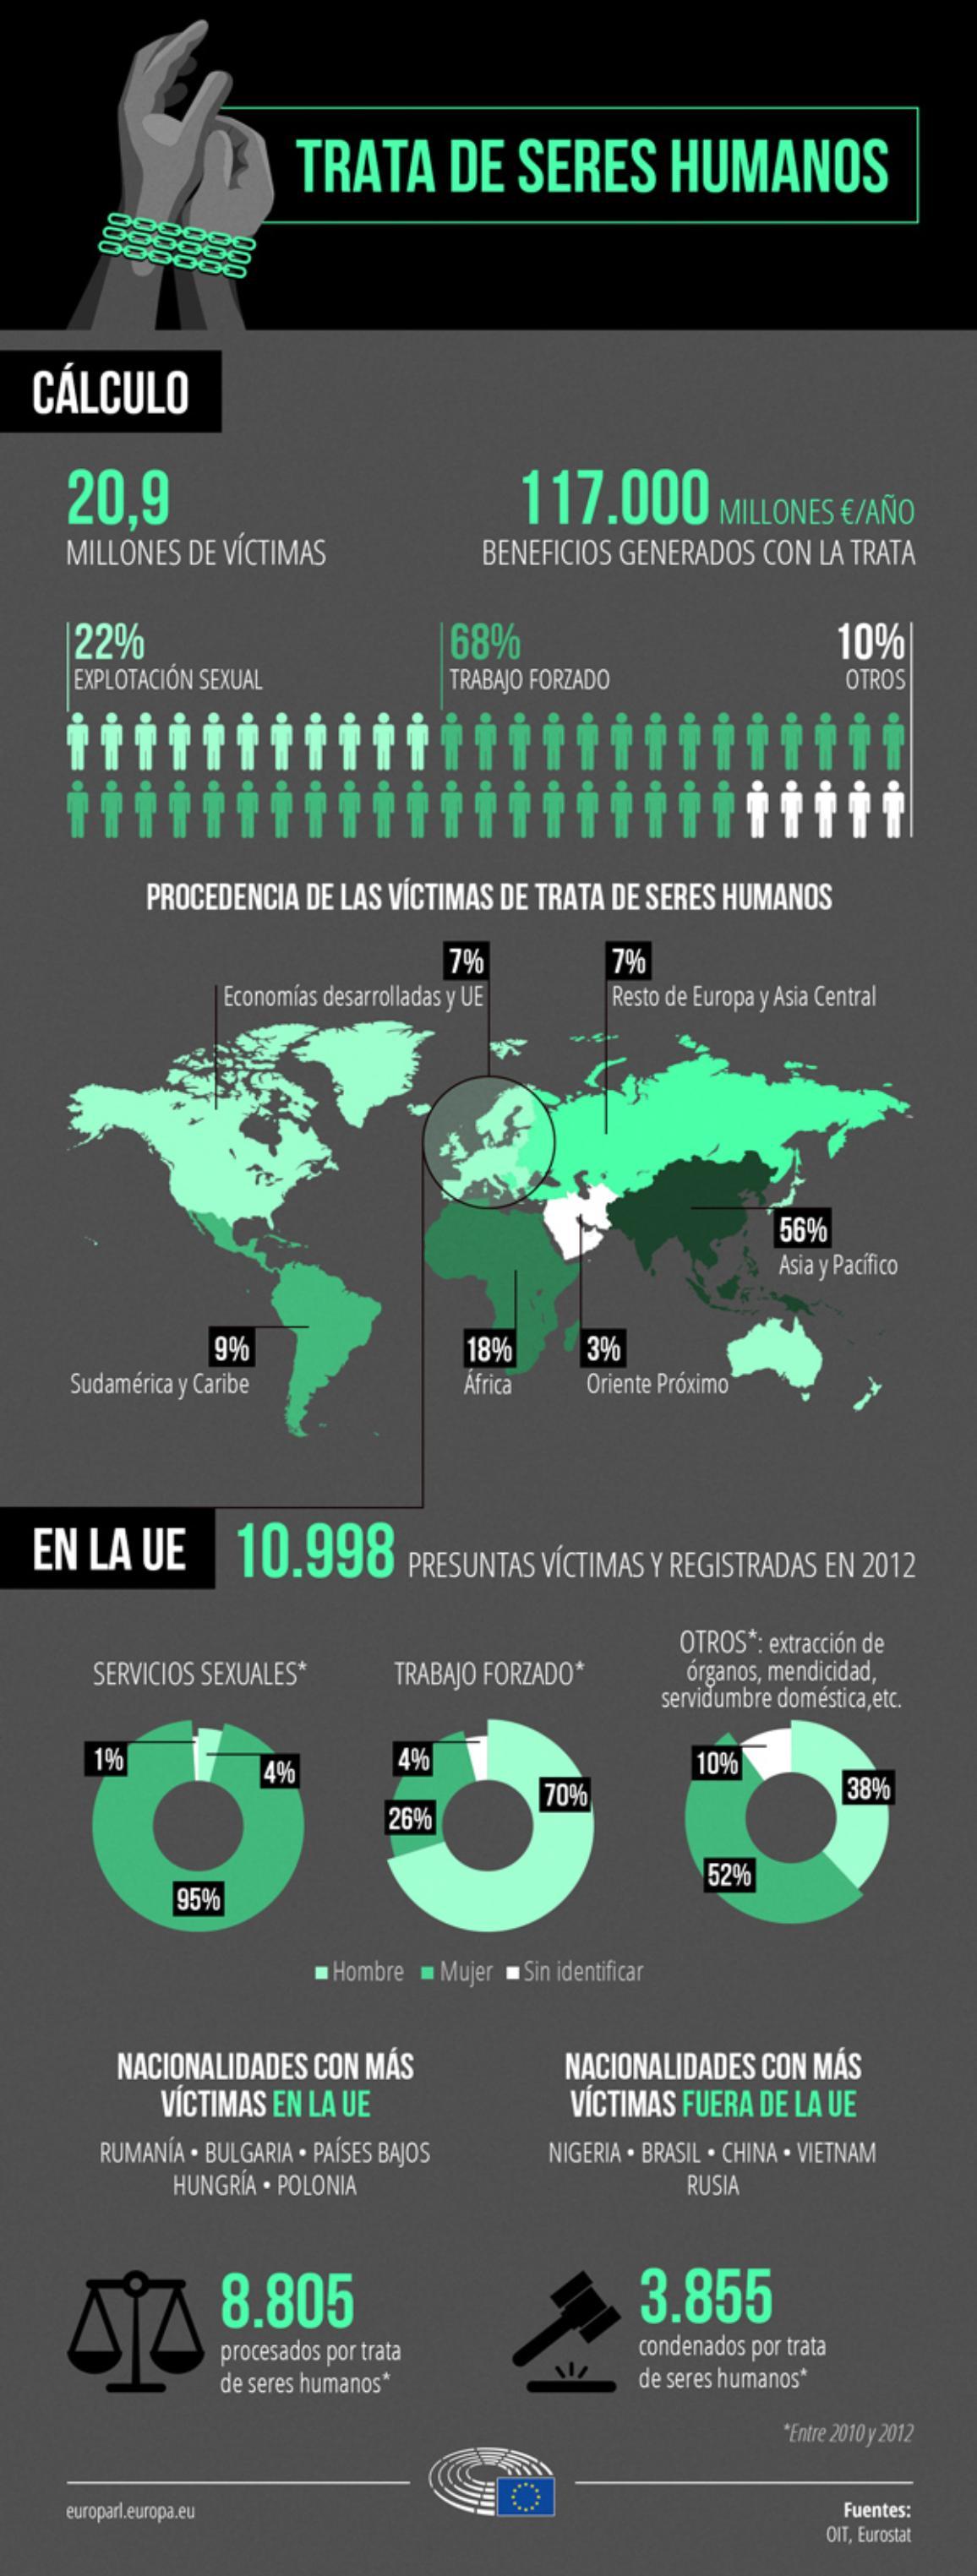 Infografía: Trata de seres humanos_